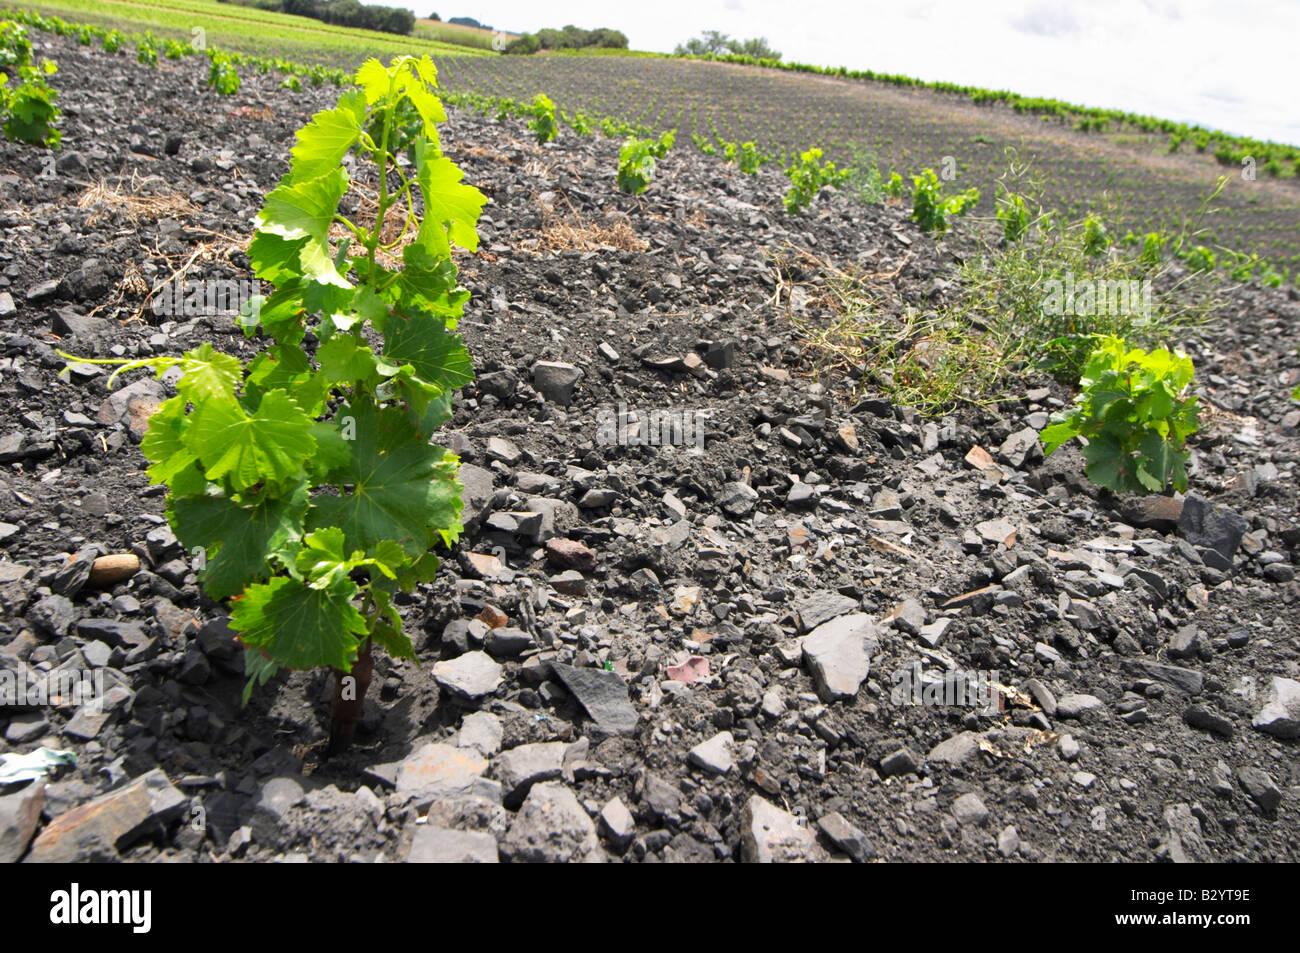 L'ardoise. Vignoble. Les sols noirs. Appelé Terres Brulees. La Syrah. Domaine Piquemal, espira de l'Agly, Roussillon, Banque D'Images